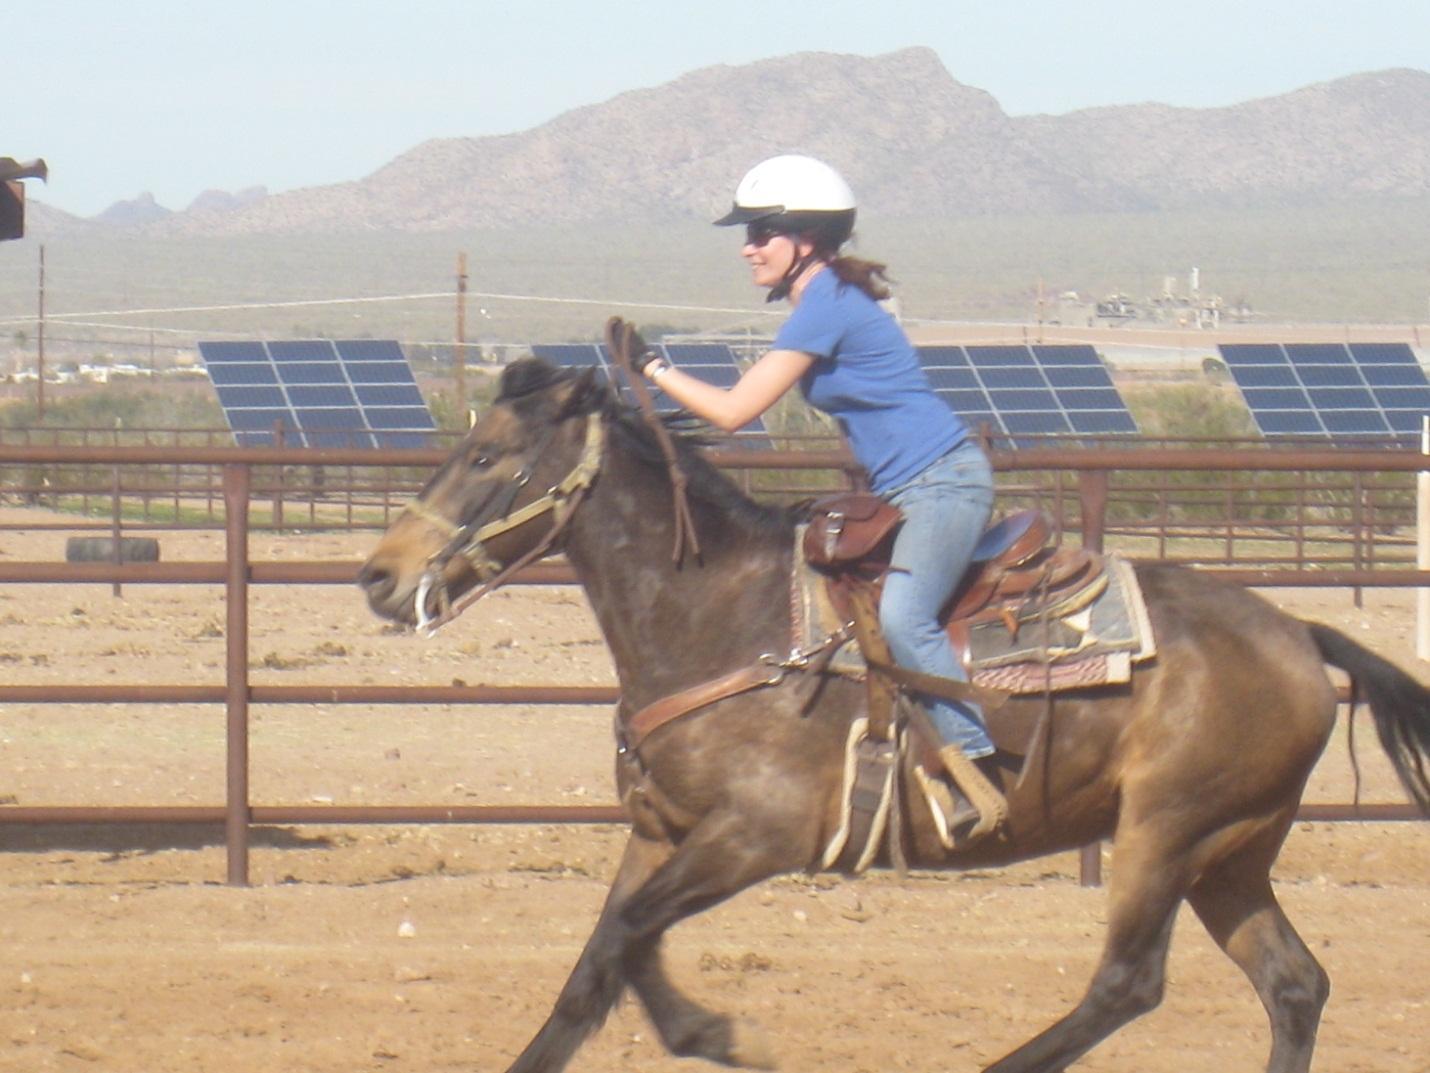 Ms. Hendi barrel racing in Arizona.